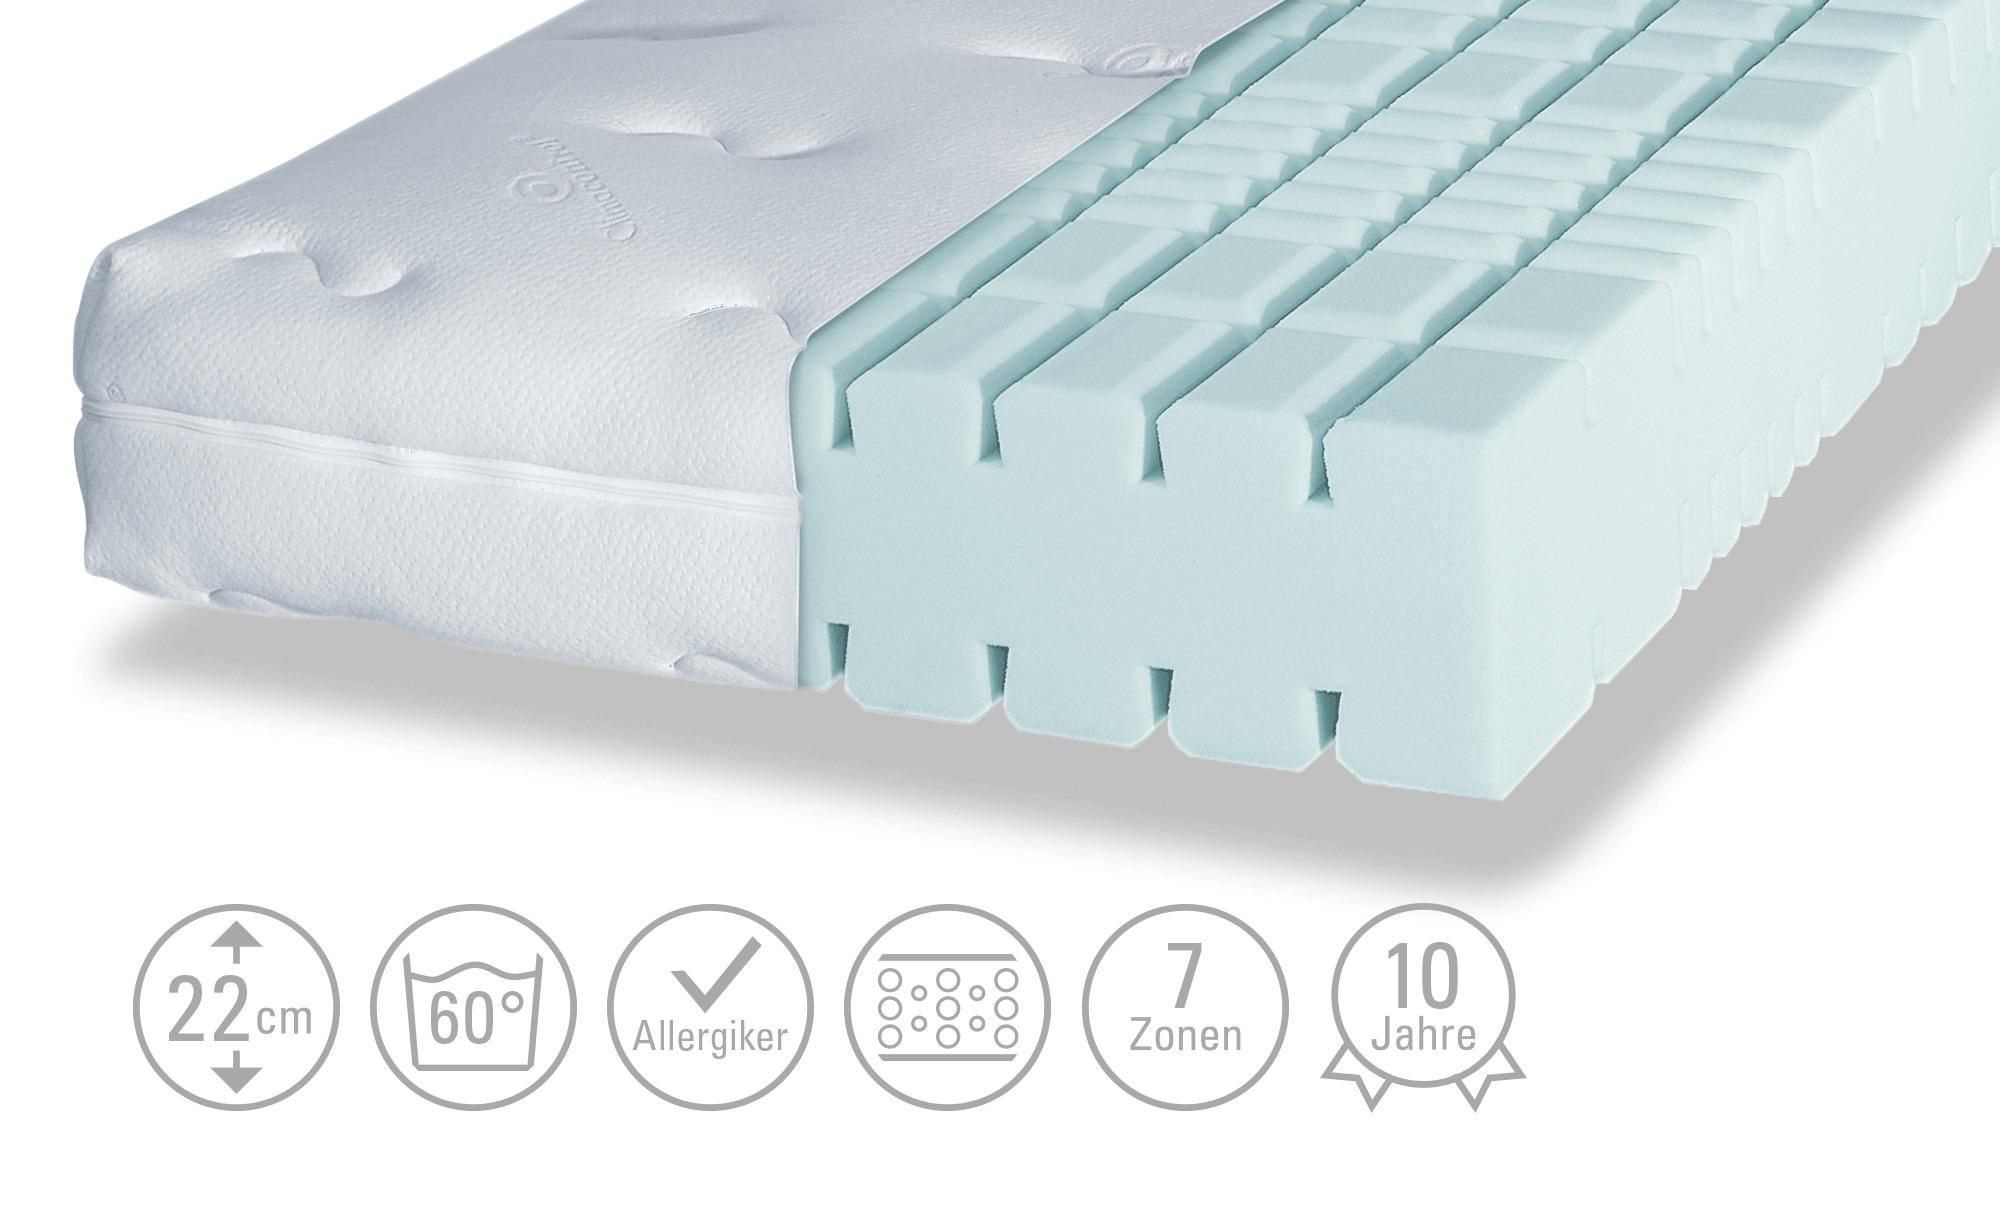 Kaltschaum-Matratze - weiß - 140 cm - 22 cm - Matratzen & Zubehör > Kaltschaummatratzen - Möbel Kraft | Schlafzimmer > Matratzen > Kaltschaum-matratzen | Sconto